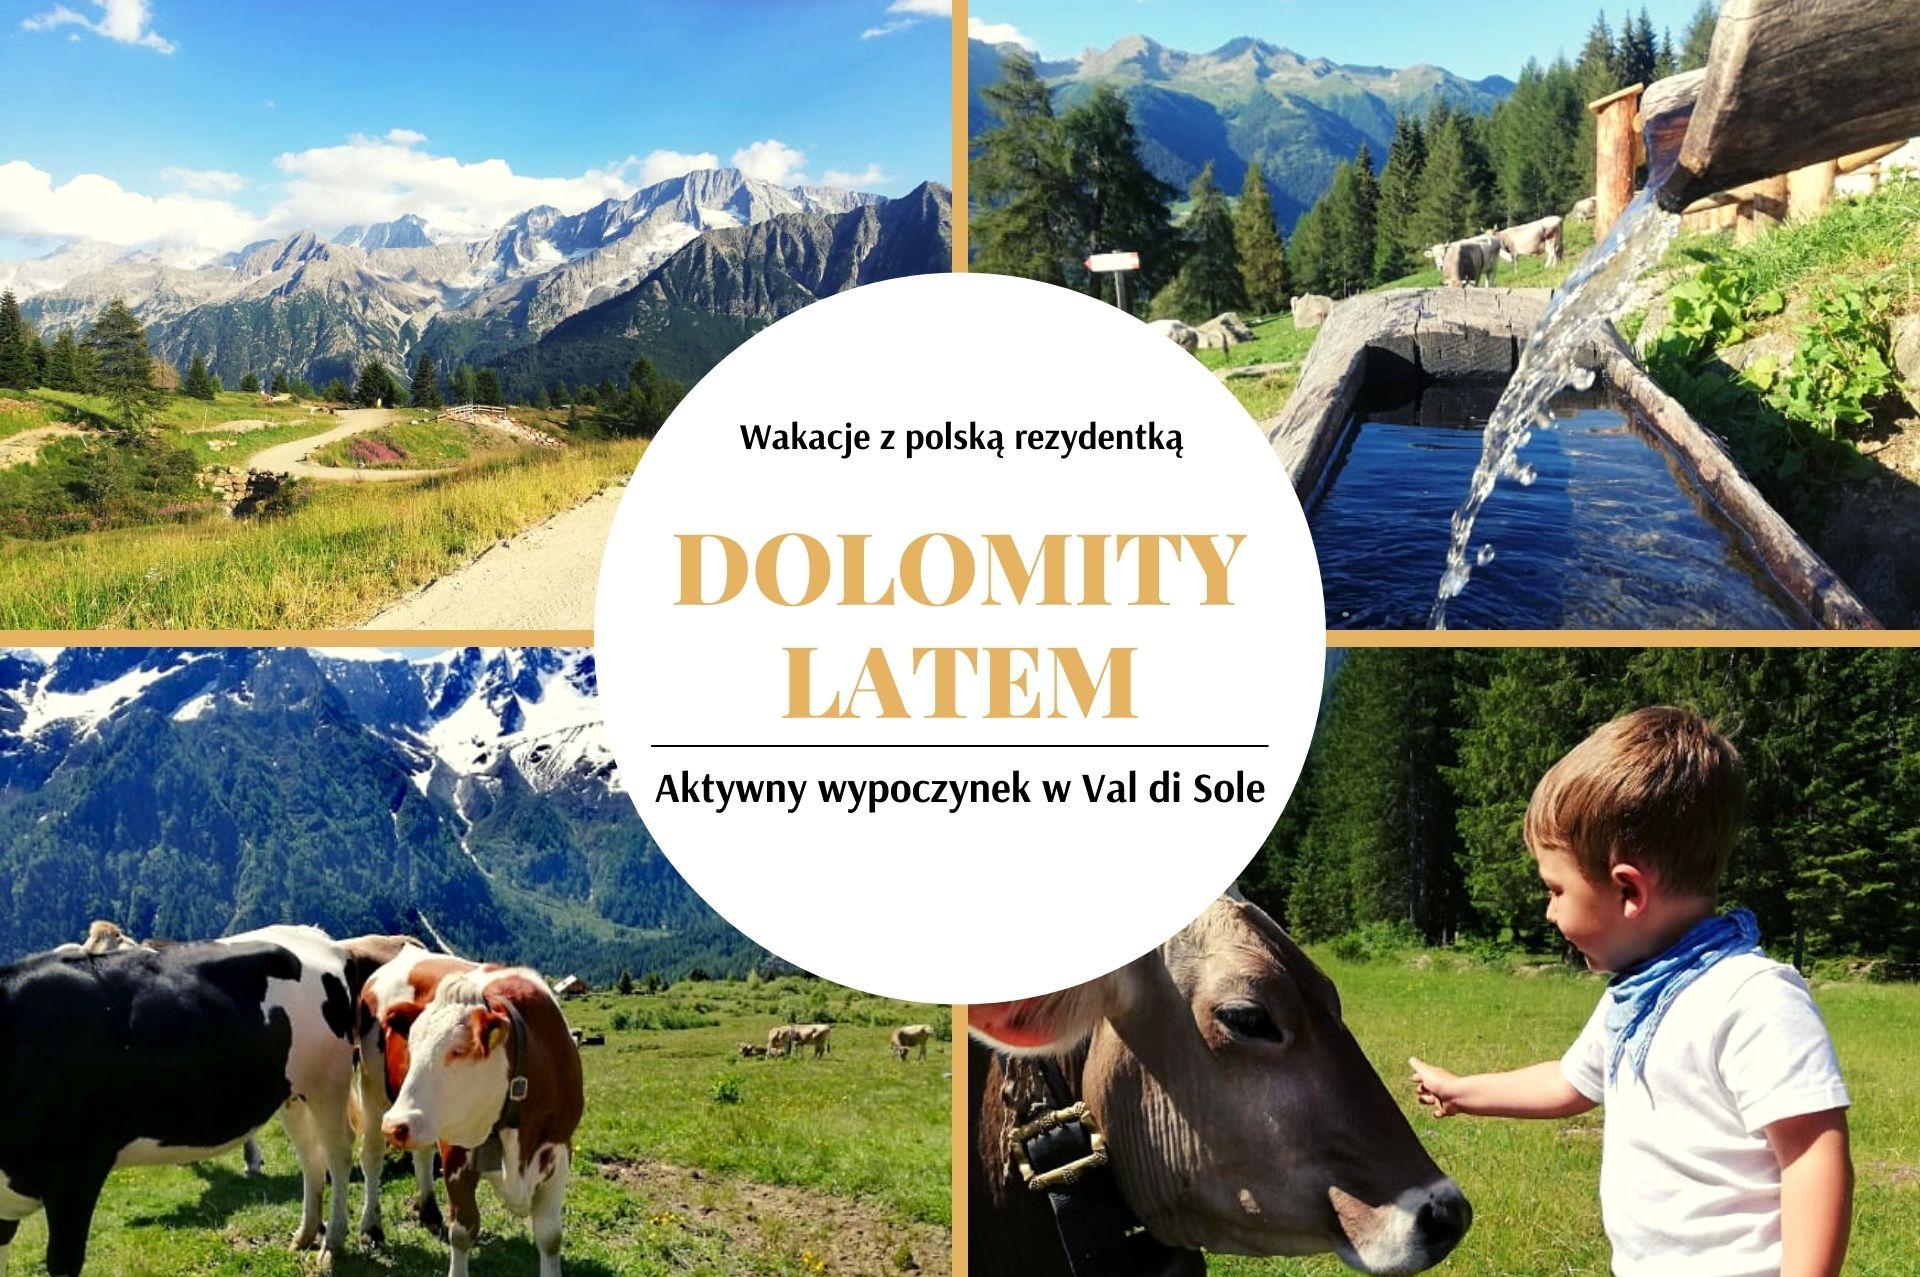 Dolomity latem, czyli aktywny wypoczynek w Val di Sole z polską rezydentką